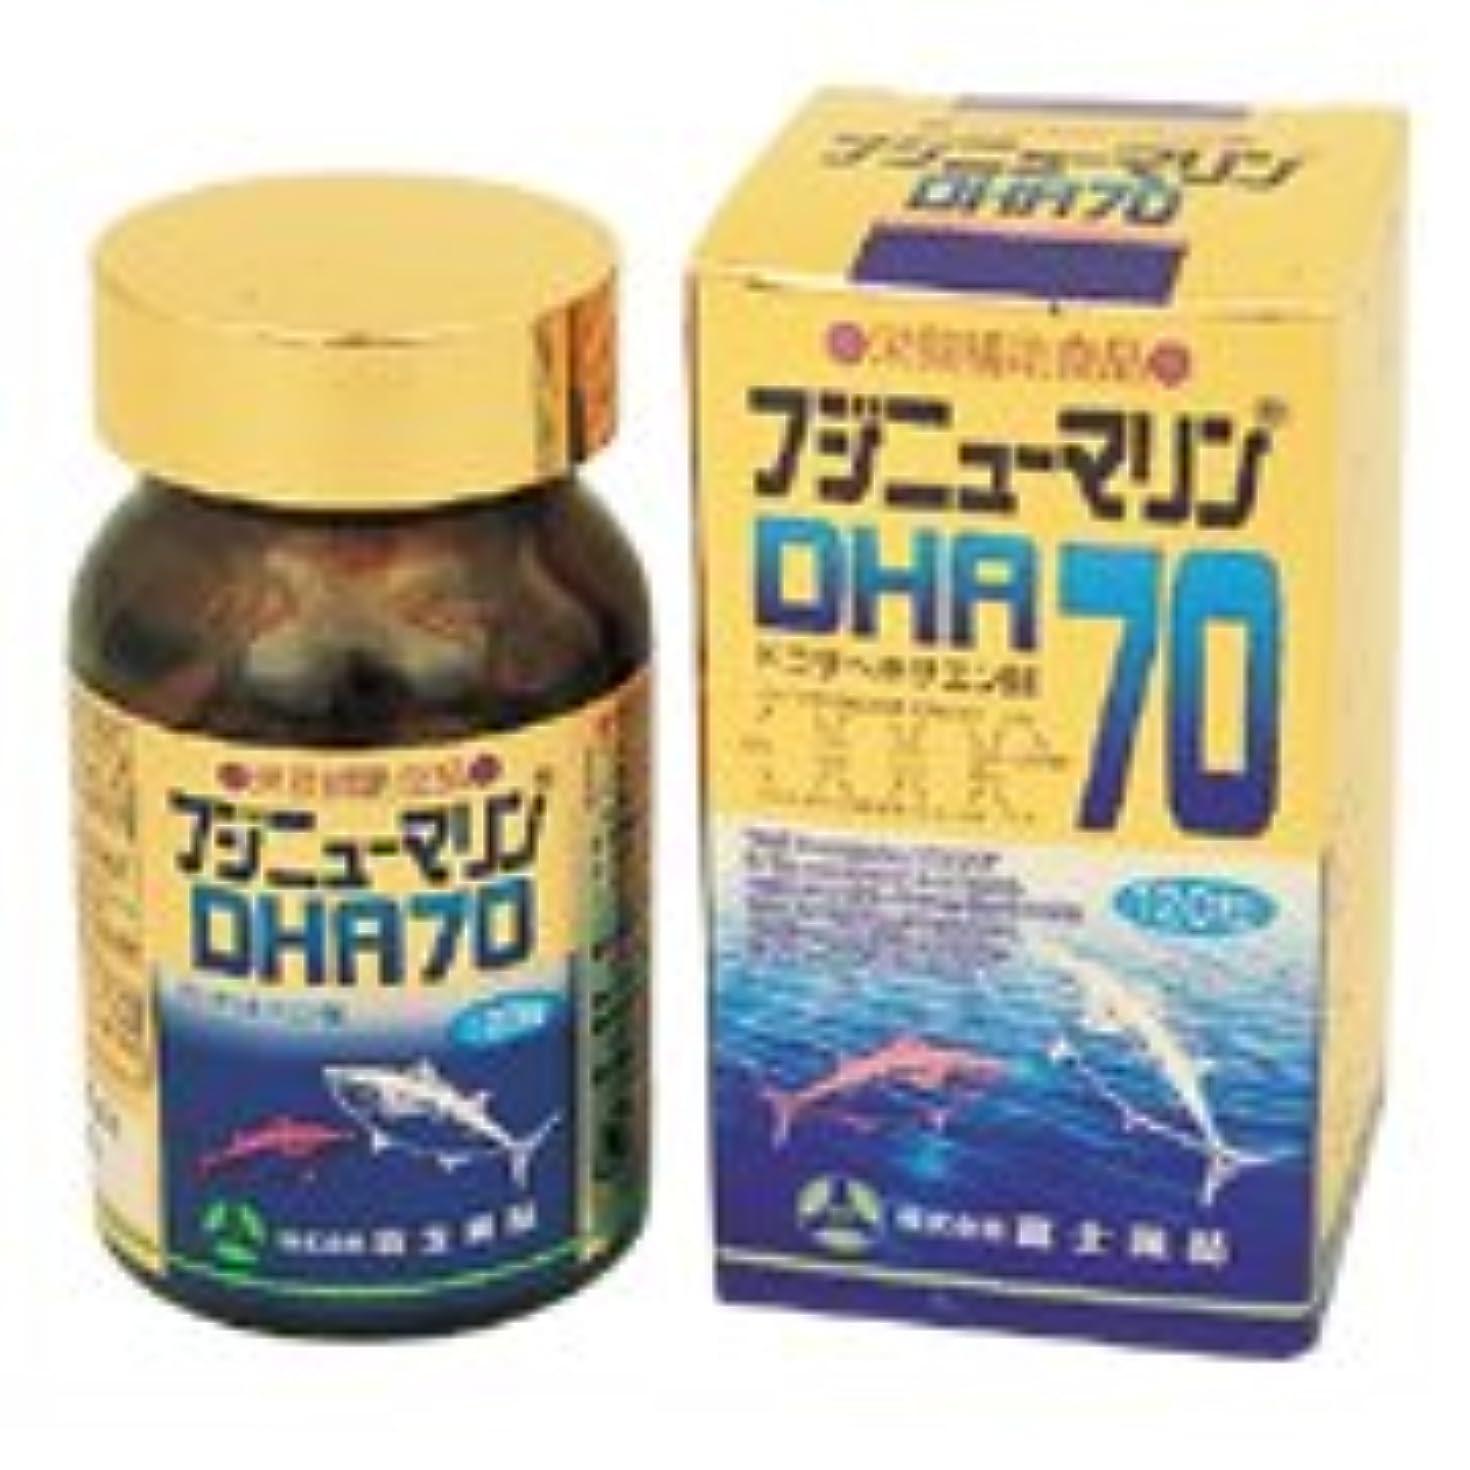 石膏損傷衣服富士薬品 DHA含有量70% フジニューマリンDHA70 120粒入り